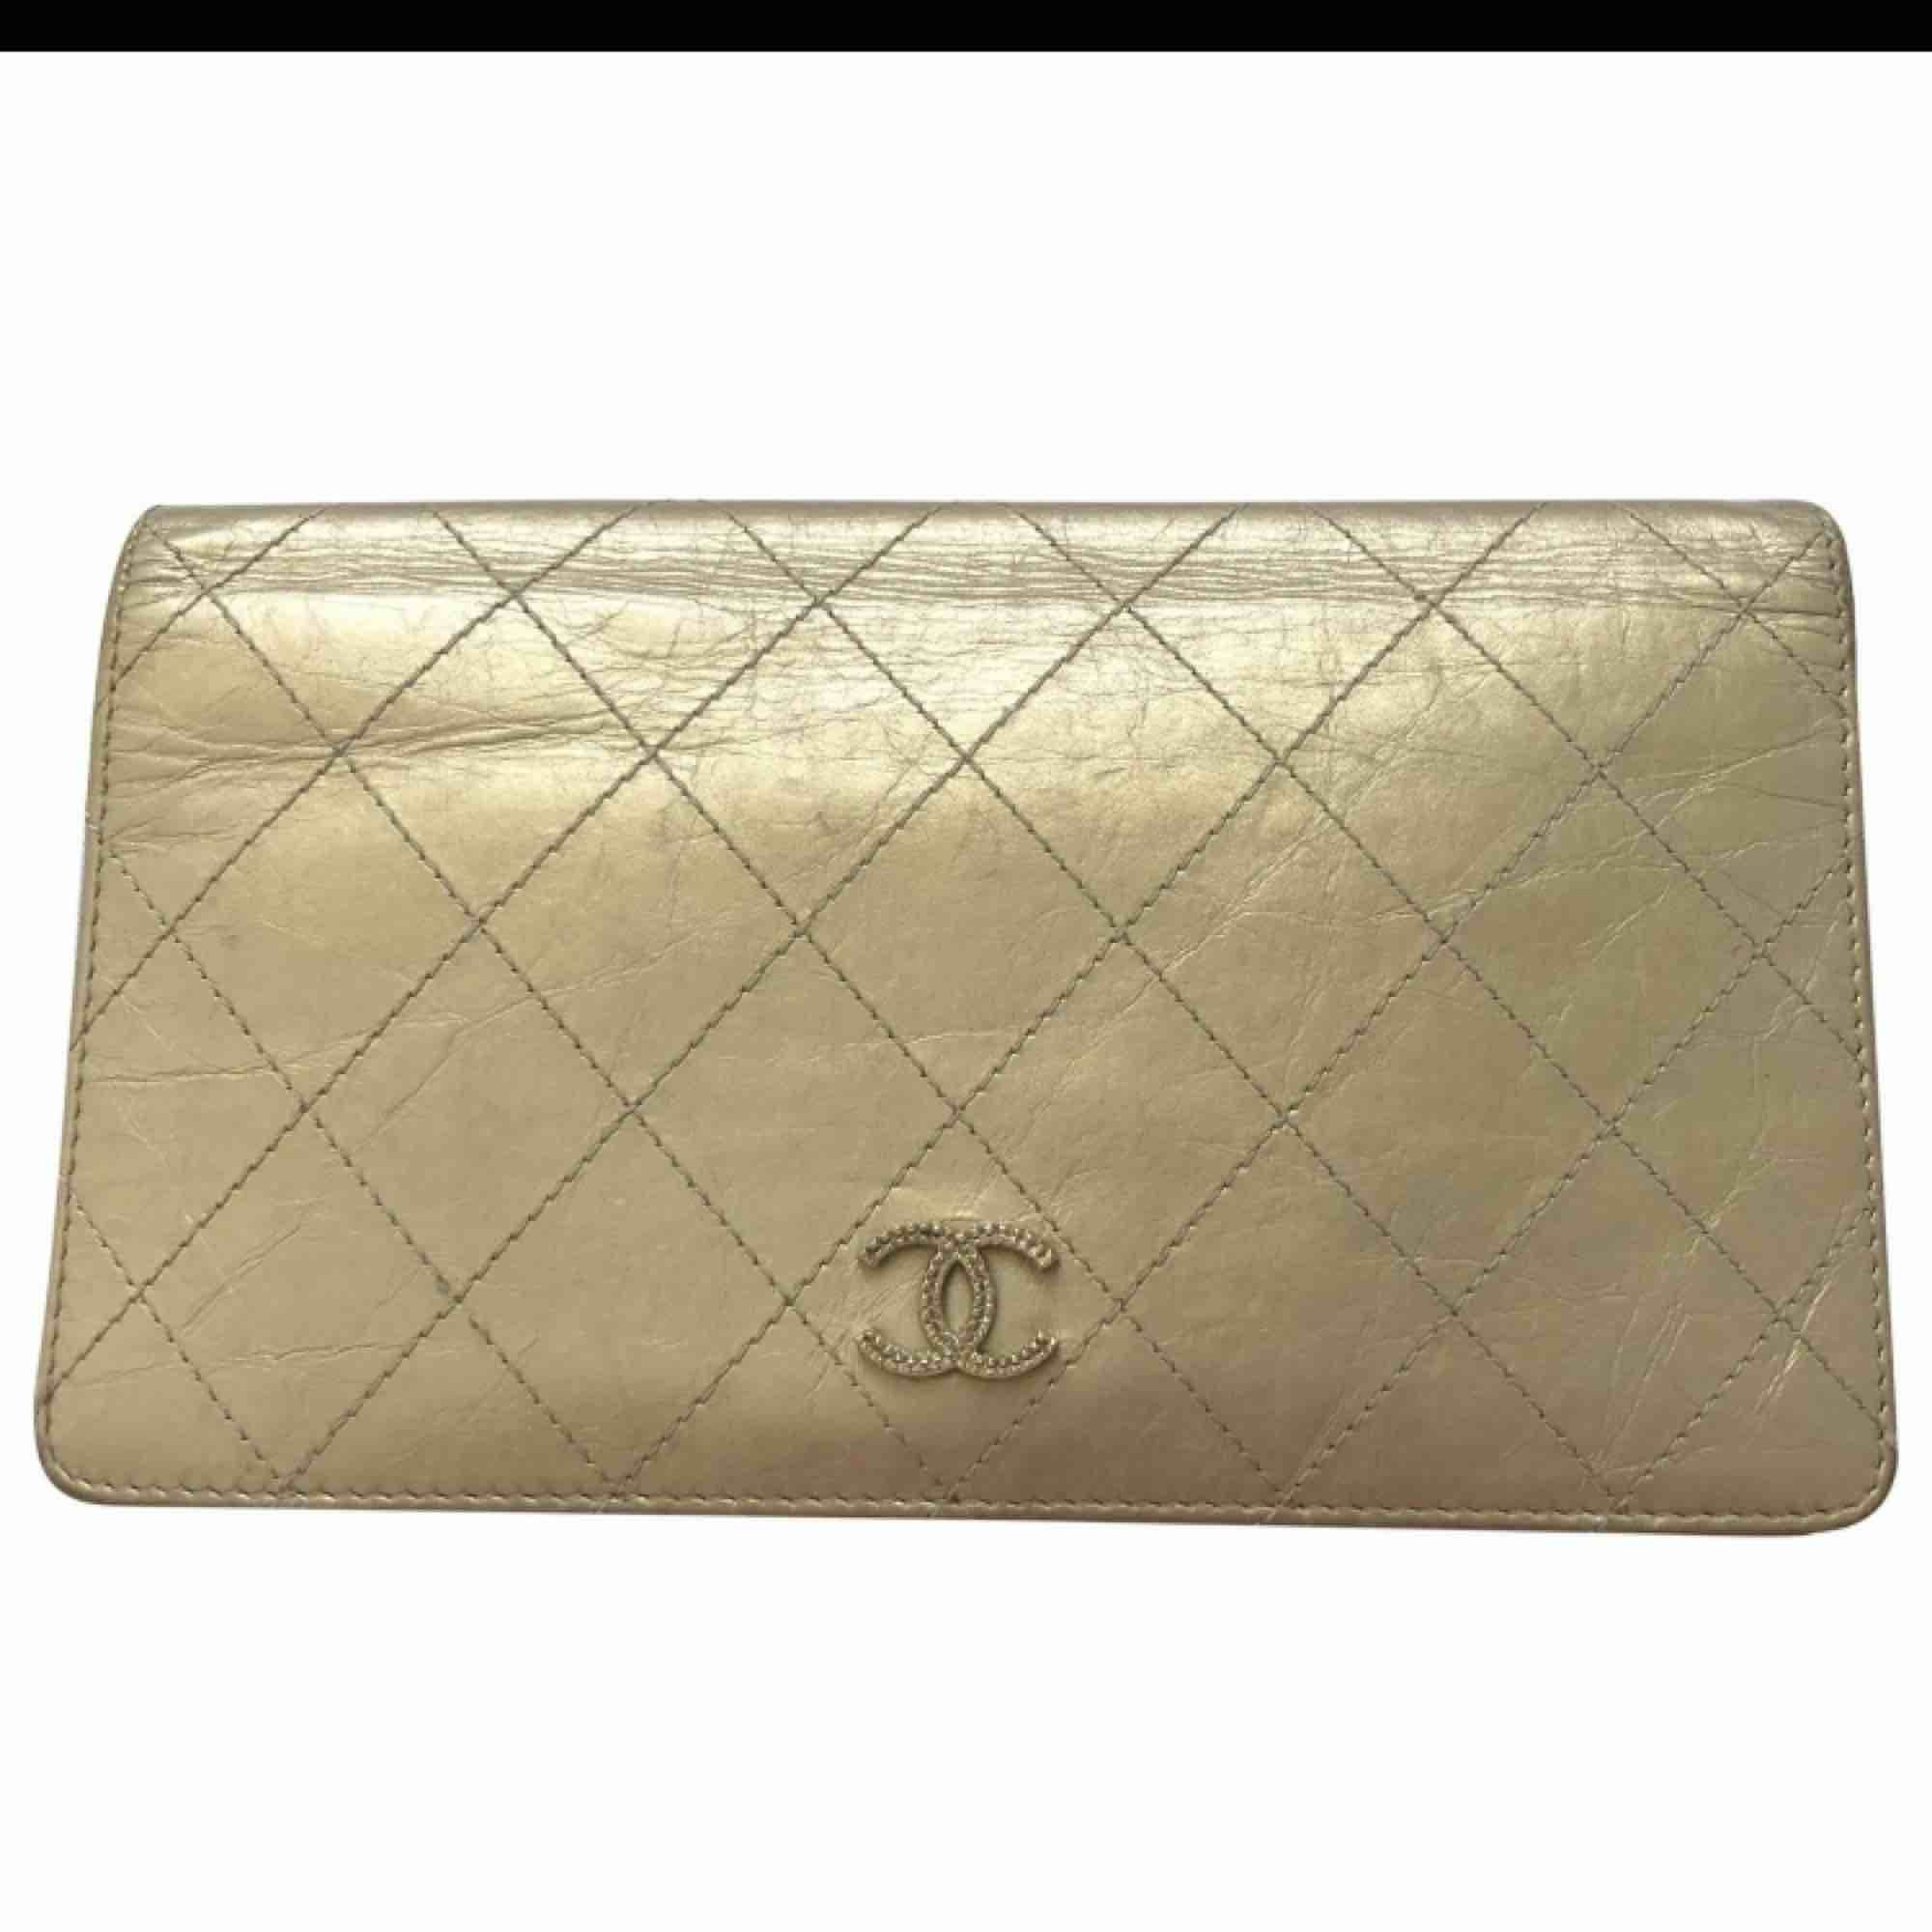 Äkta chanel plånbok med kvitto och intyg från vintagebutiken vestaire collective. Lite sliten se bild. Kan betalas med paypal ( köpgaranti).. Accessoarer.